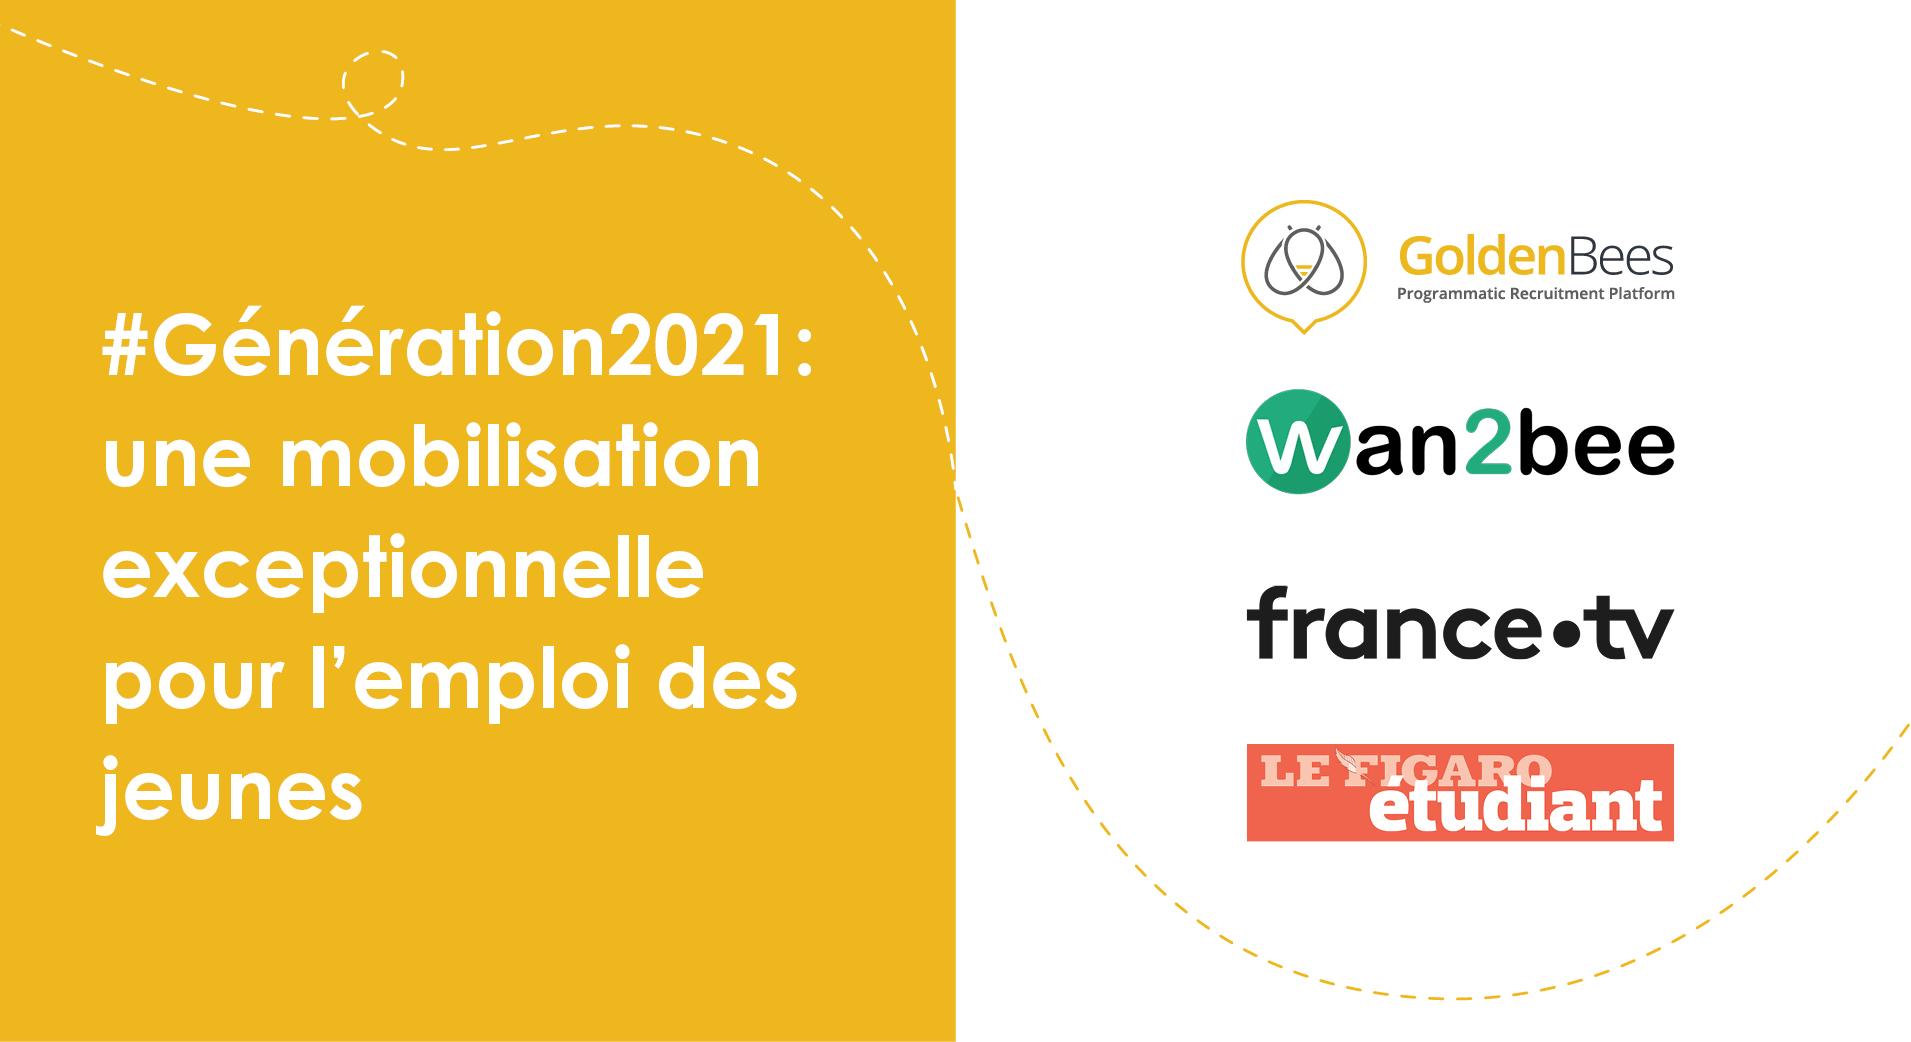 #Génération2021 : une mobilisation exceptionnelle pour l'emploi des jeunes